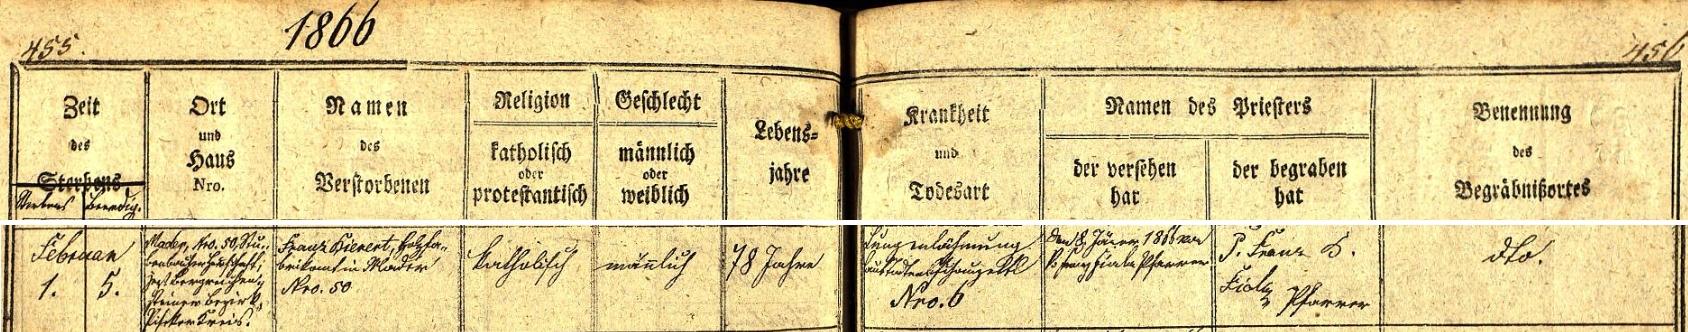 """Záznam o jeho skonu v úmrtní matrice farní obce Srní - místem úmrtí byla Modrava čp. 50 """"na prášilském panství"""", místem uložení do hrobu farní hřbitov v Rehberku, tj. v dnešním Srní"""